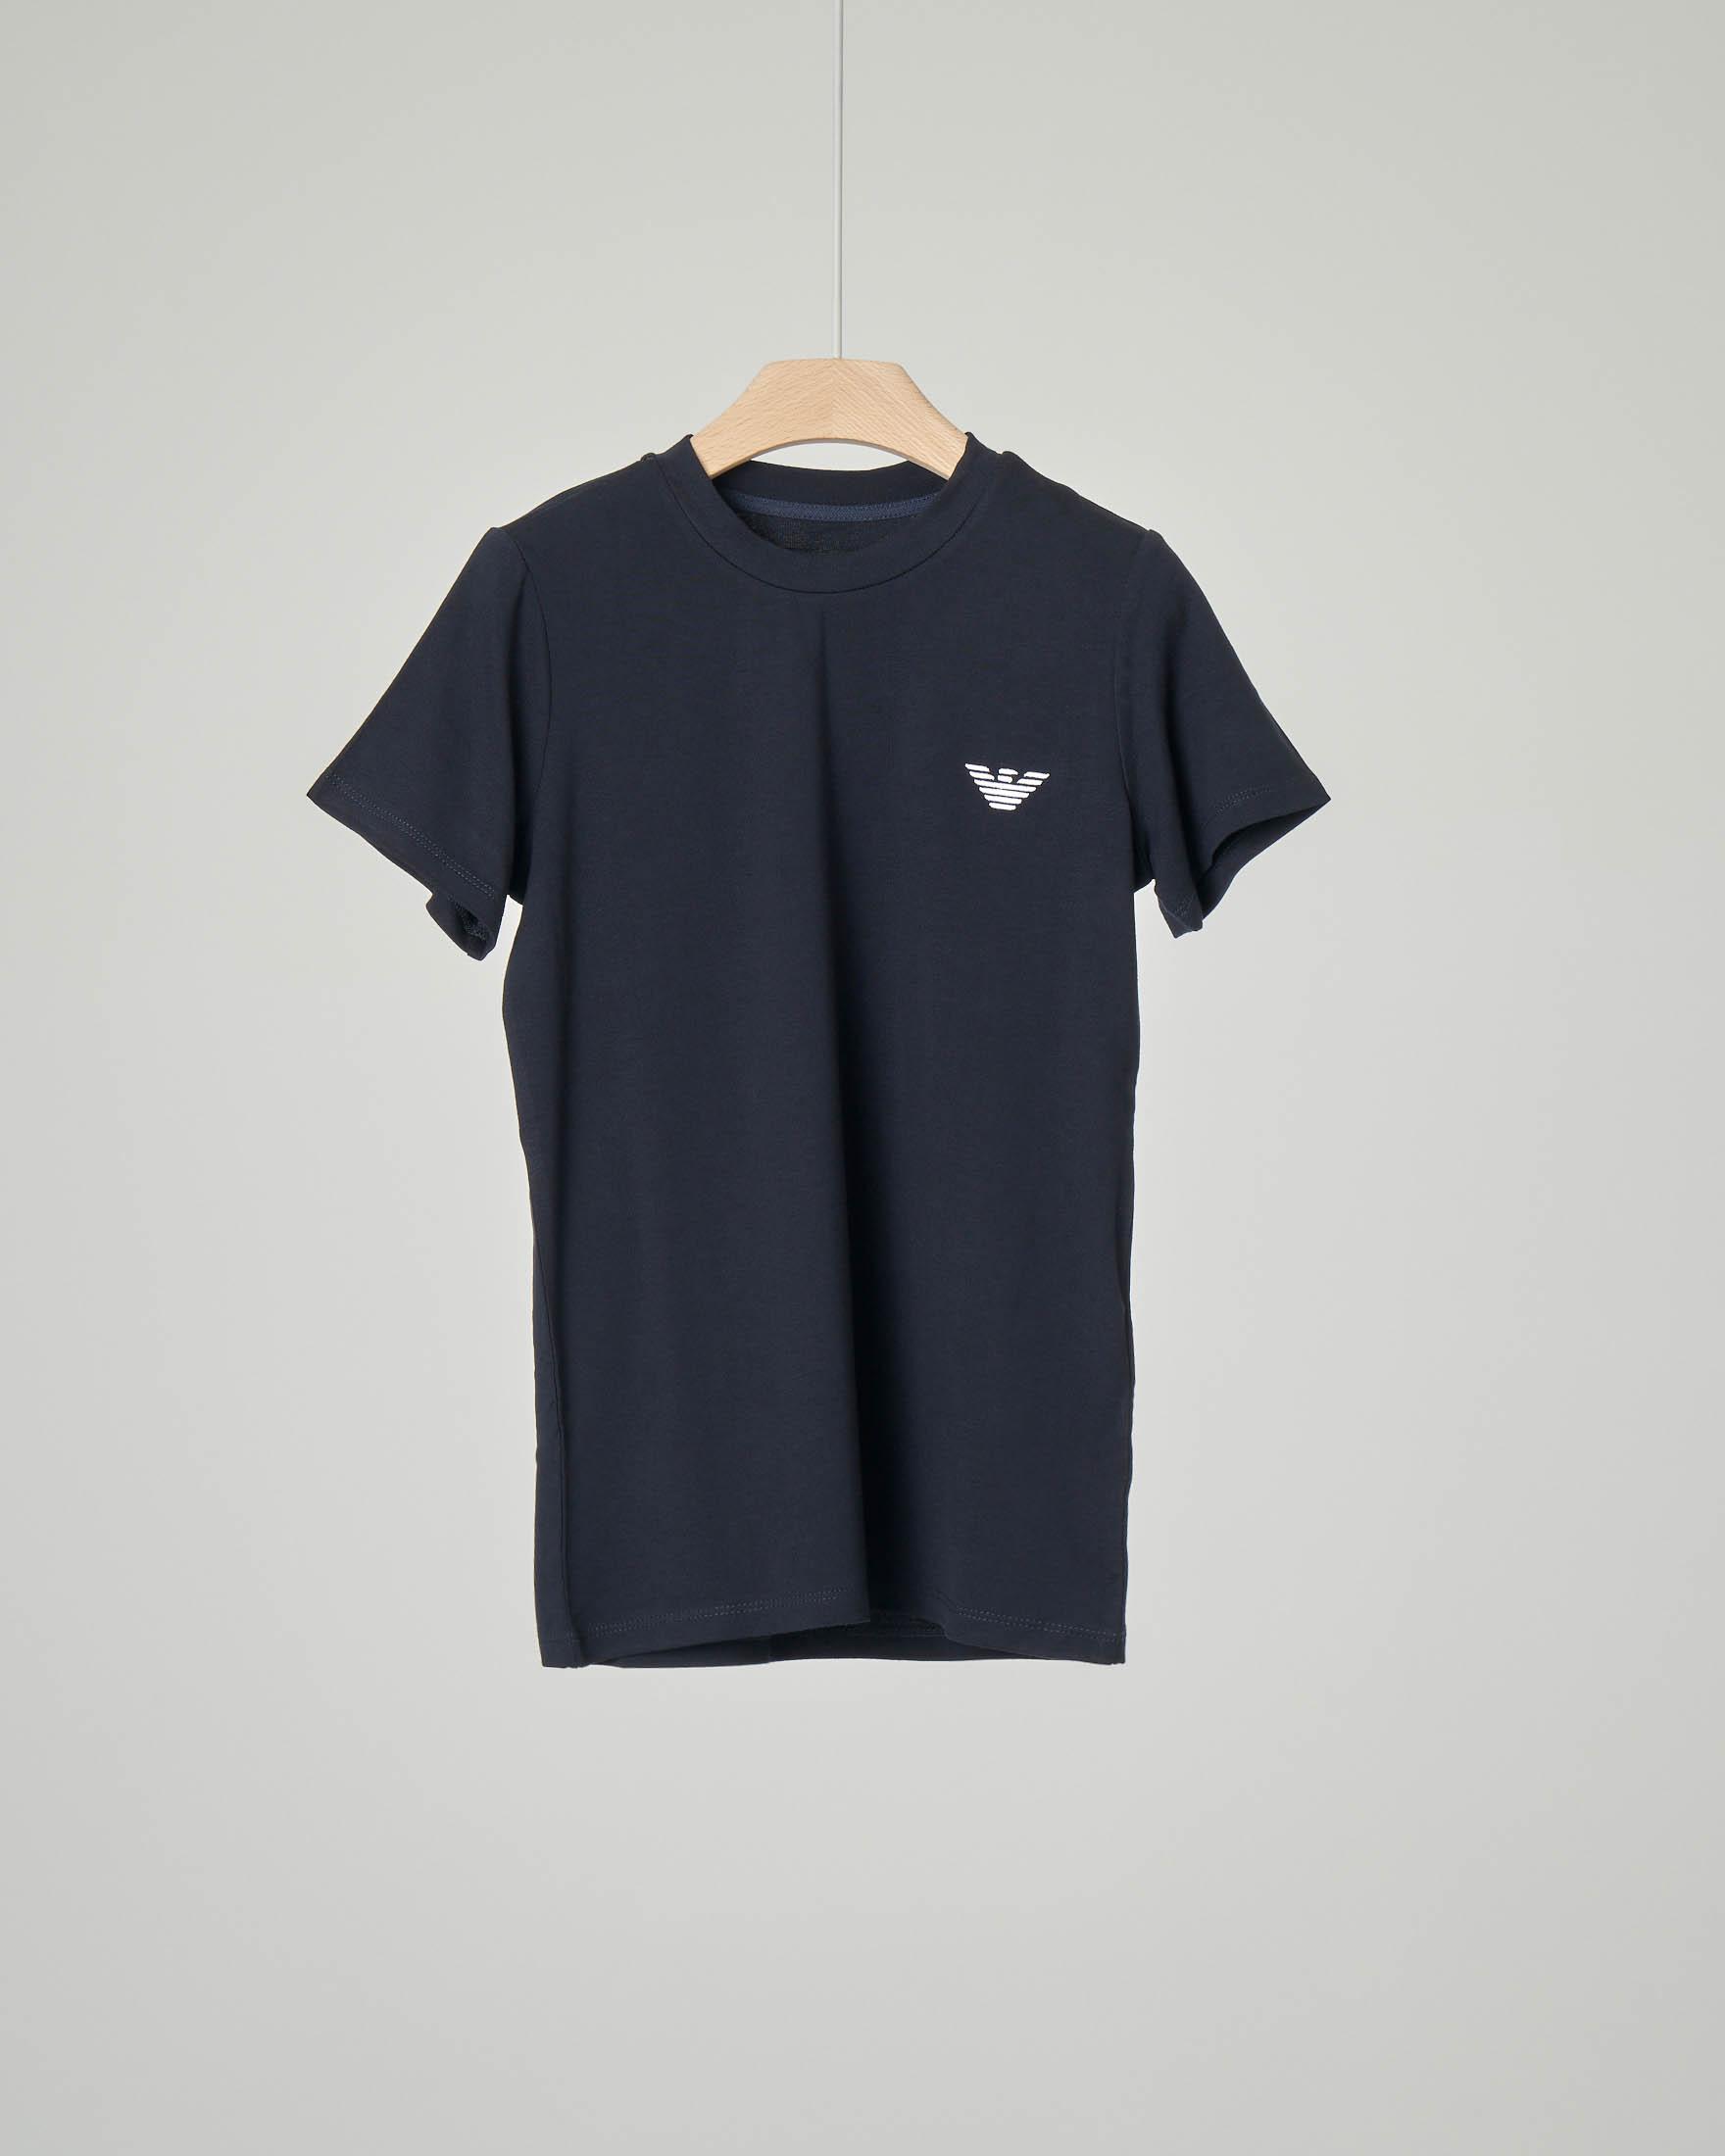 T-shirt mezza manica in viscosa stretch